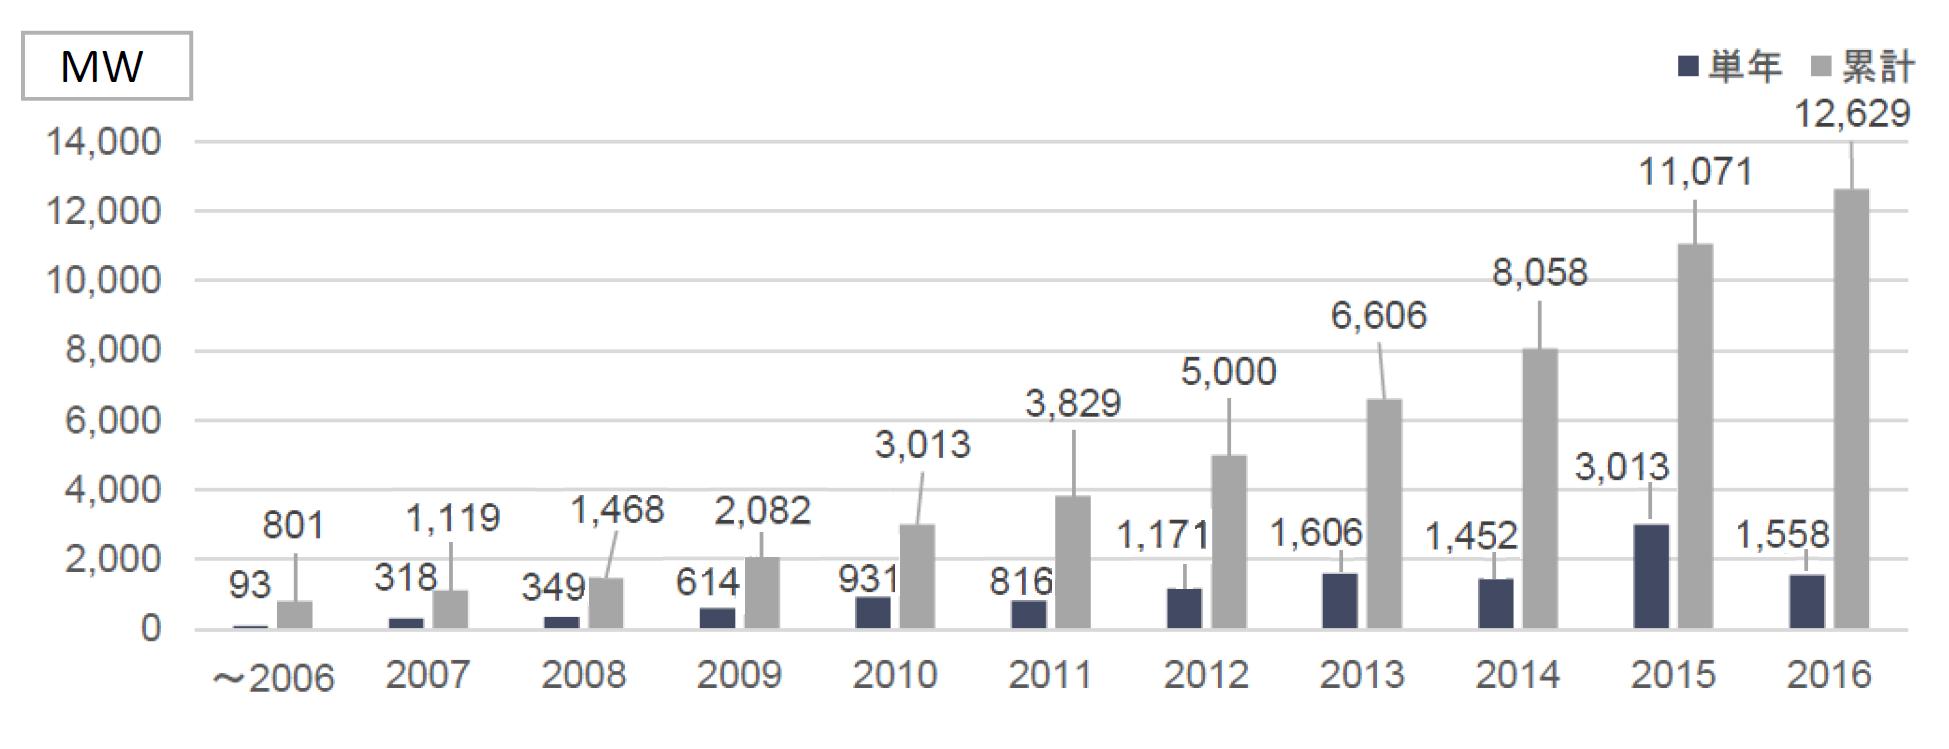 ヨーロッパにおける洋上風力発電の導入状況を経年で示したグラフです。